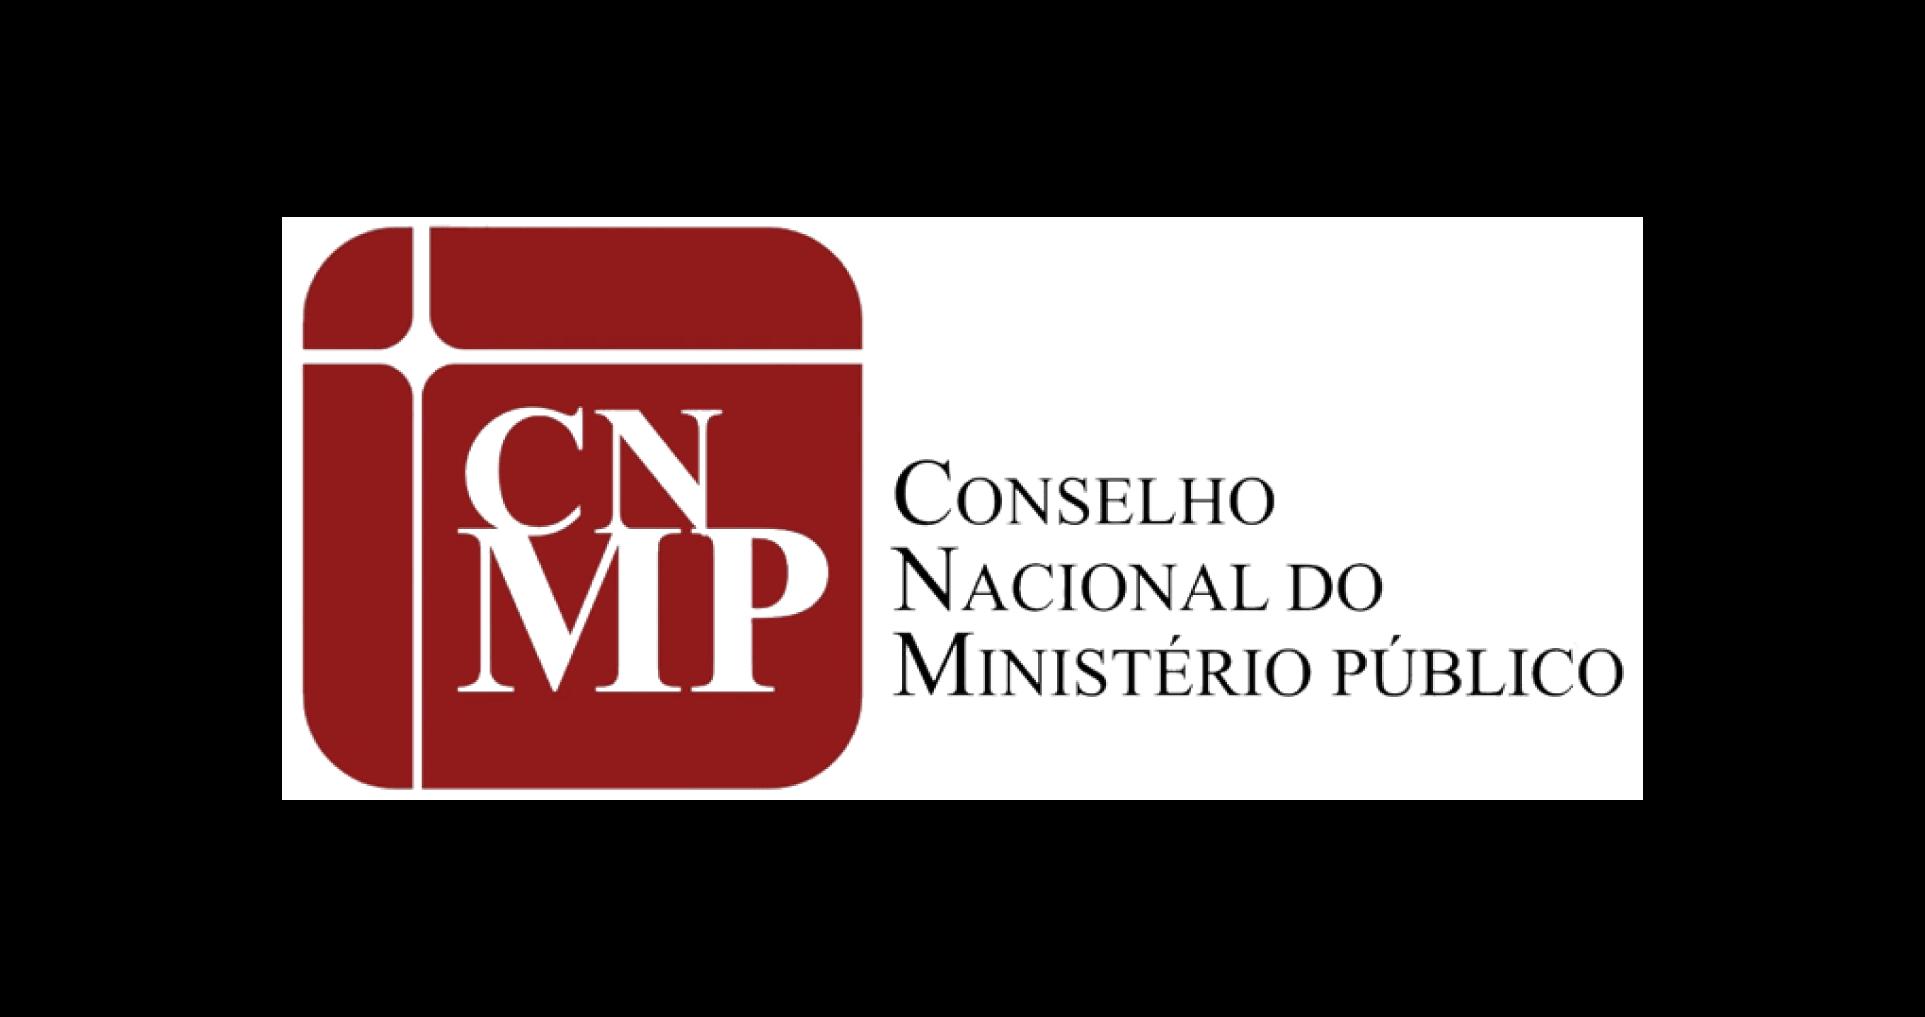 CNMP – CONSELHO NACIONAL DO MINISTÉRIO PÚBLICO